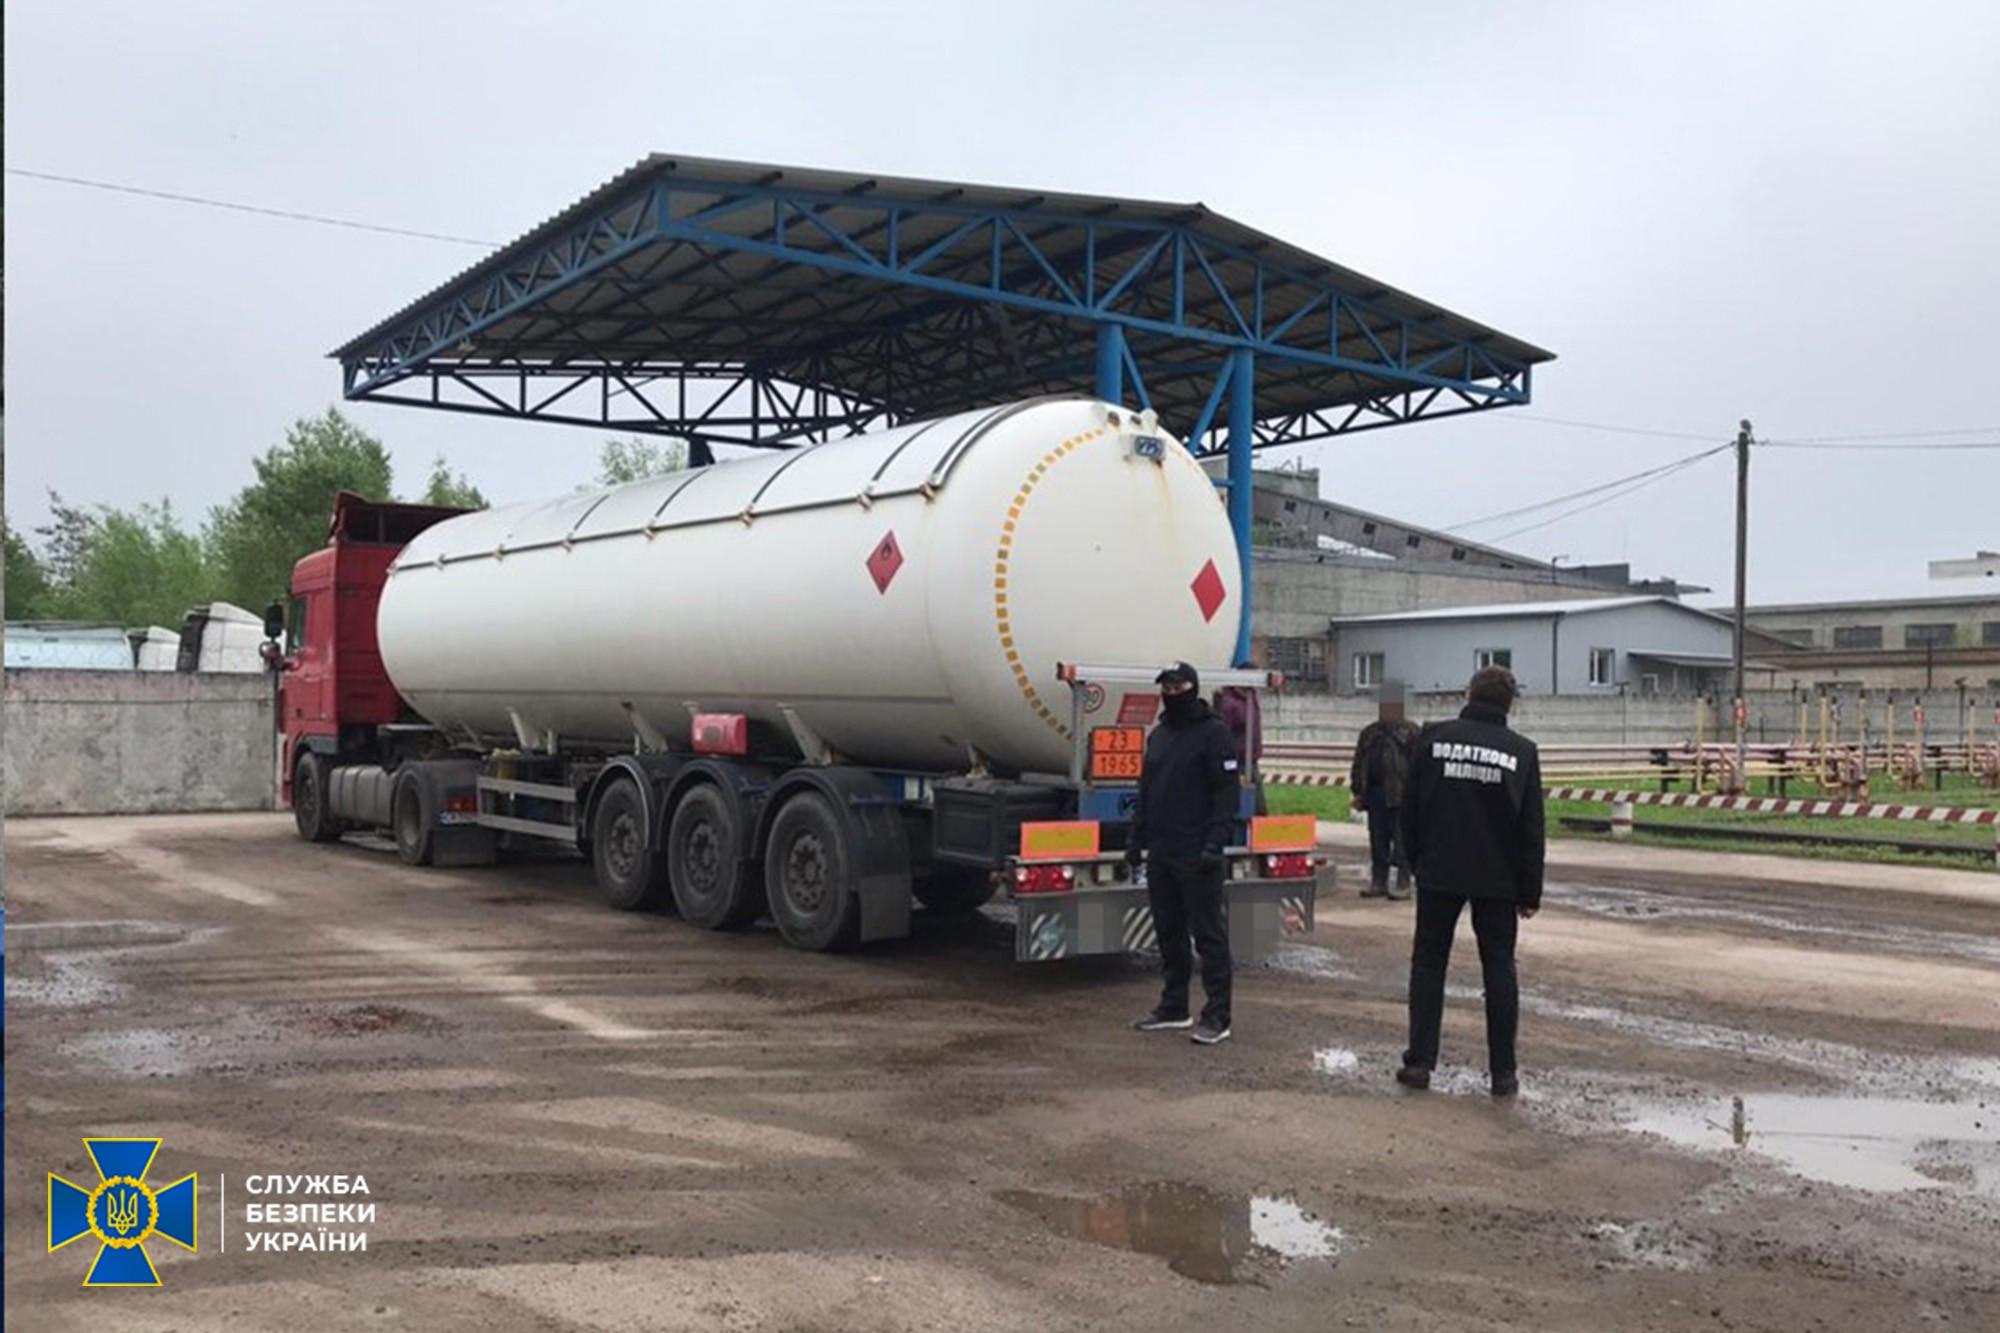 СБУ ліквідувала контрабанду пального з РФ та Білорусі